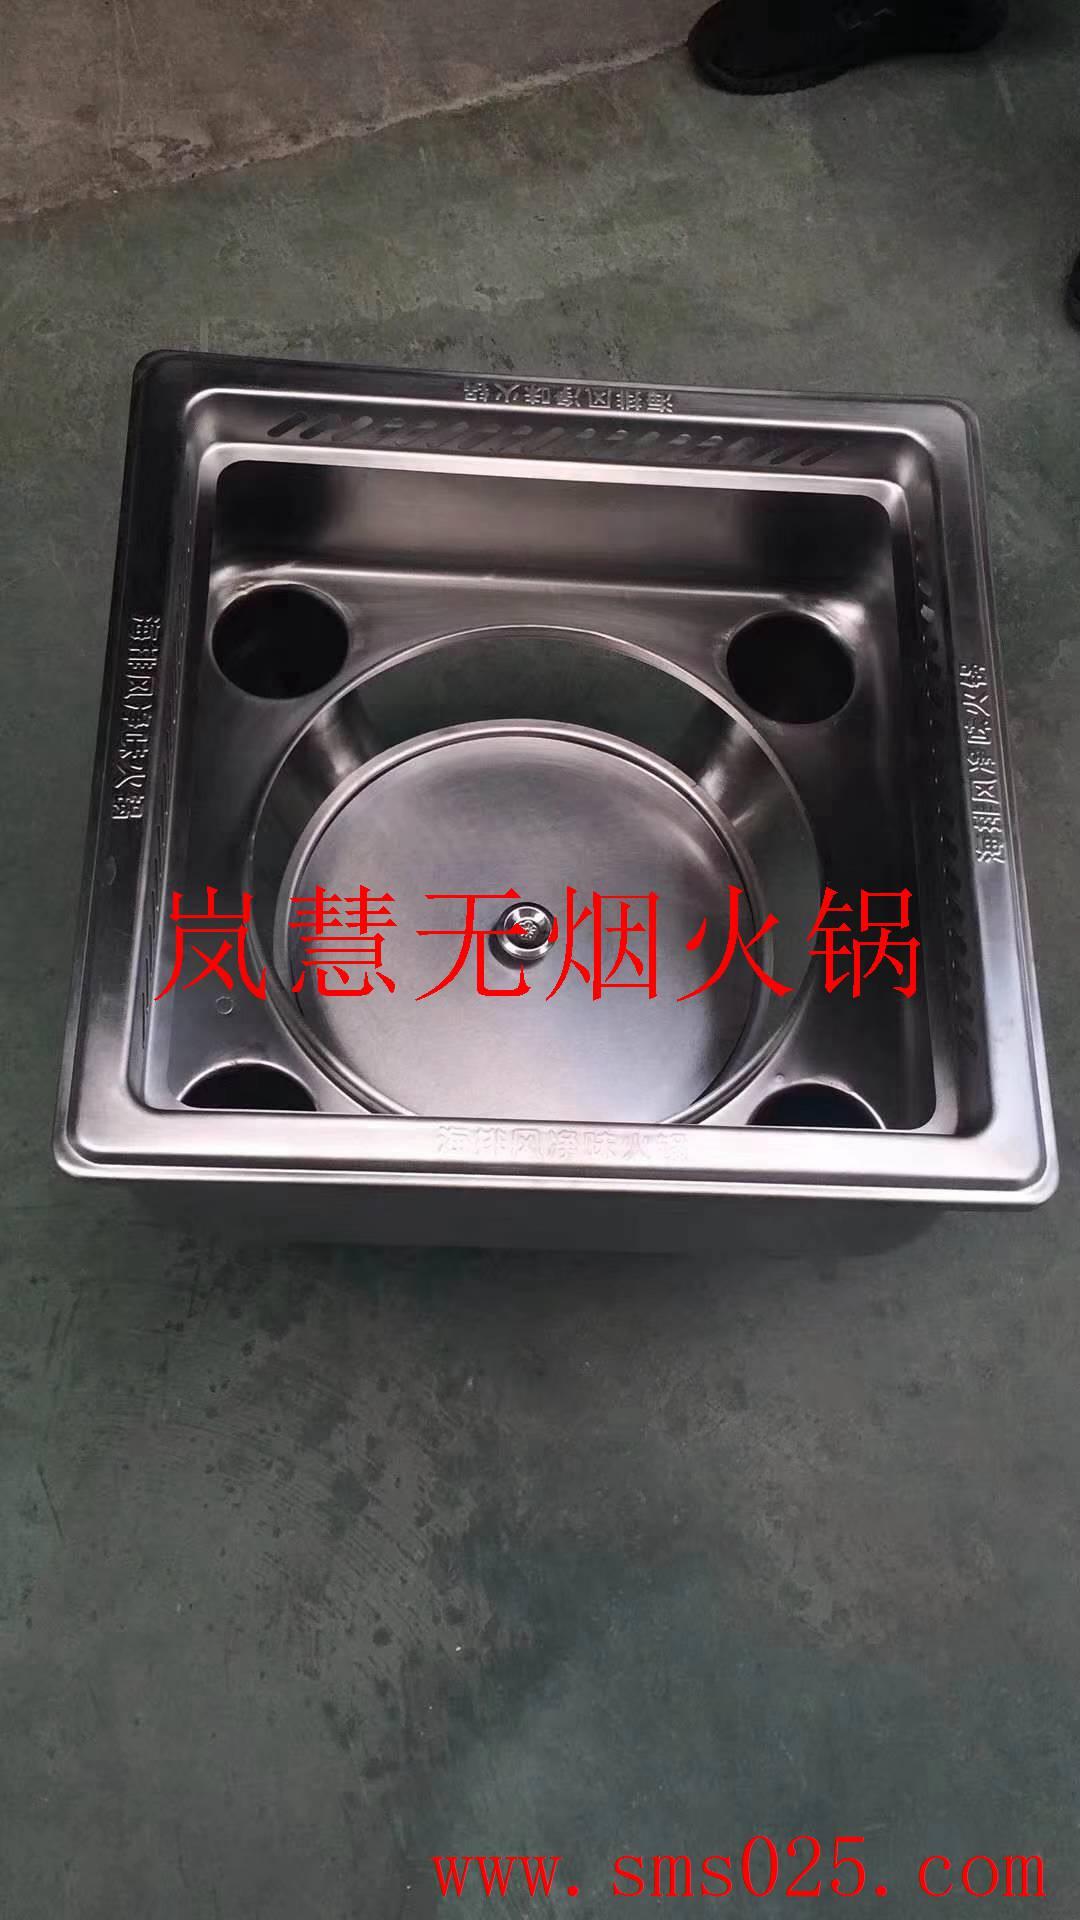 海底捞同款火锅桌(www.sms025.com)